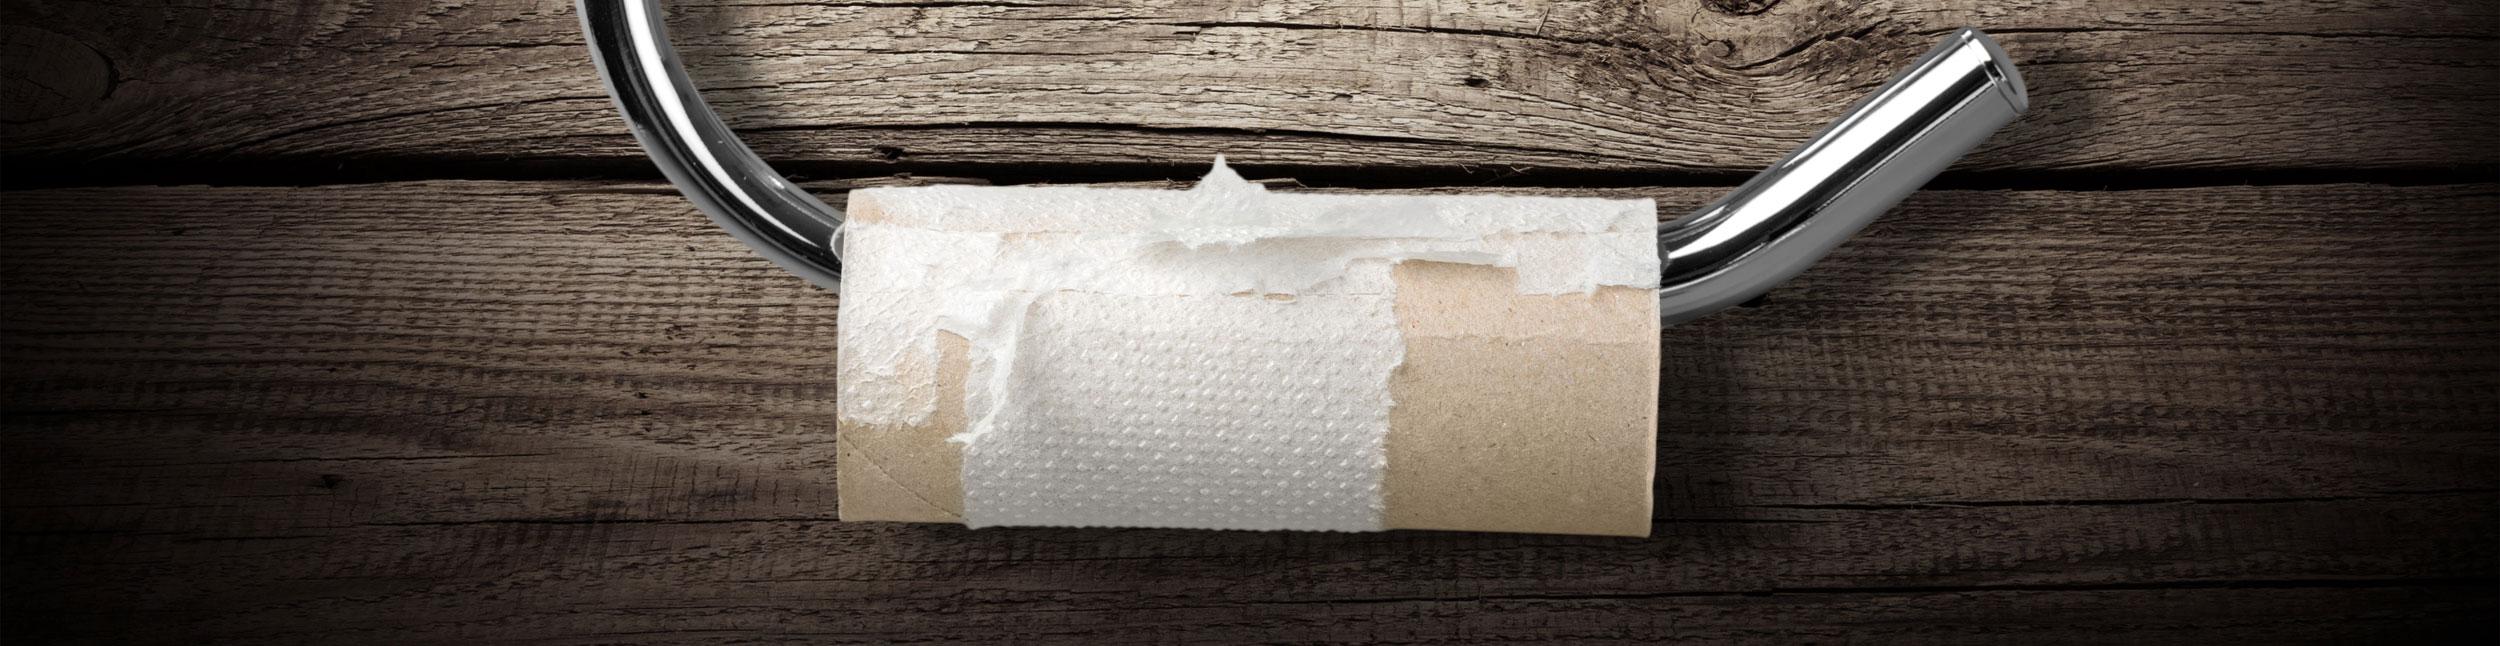 Eine leere Rolle Toilettenpapier hängt im Halter